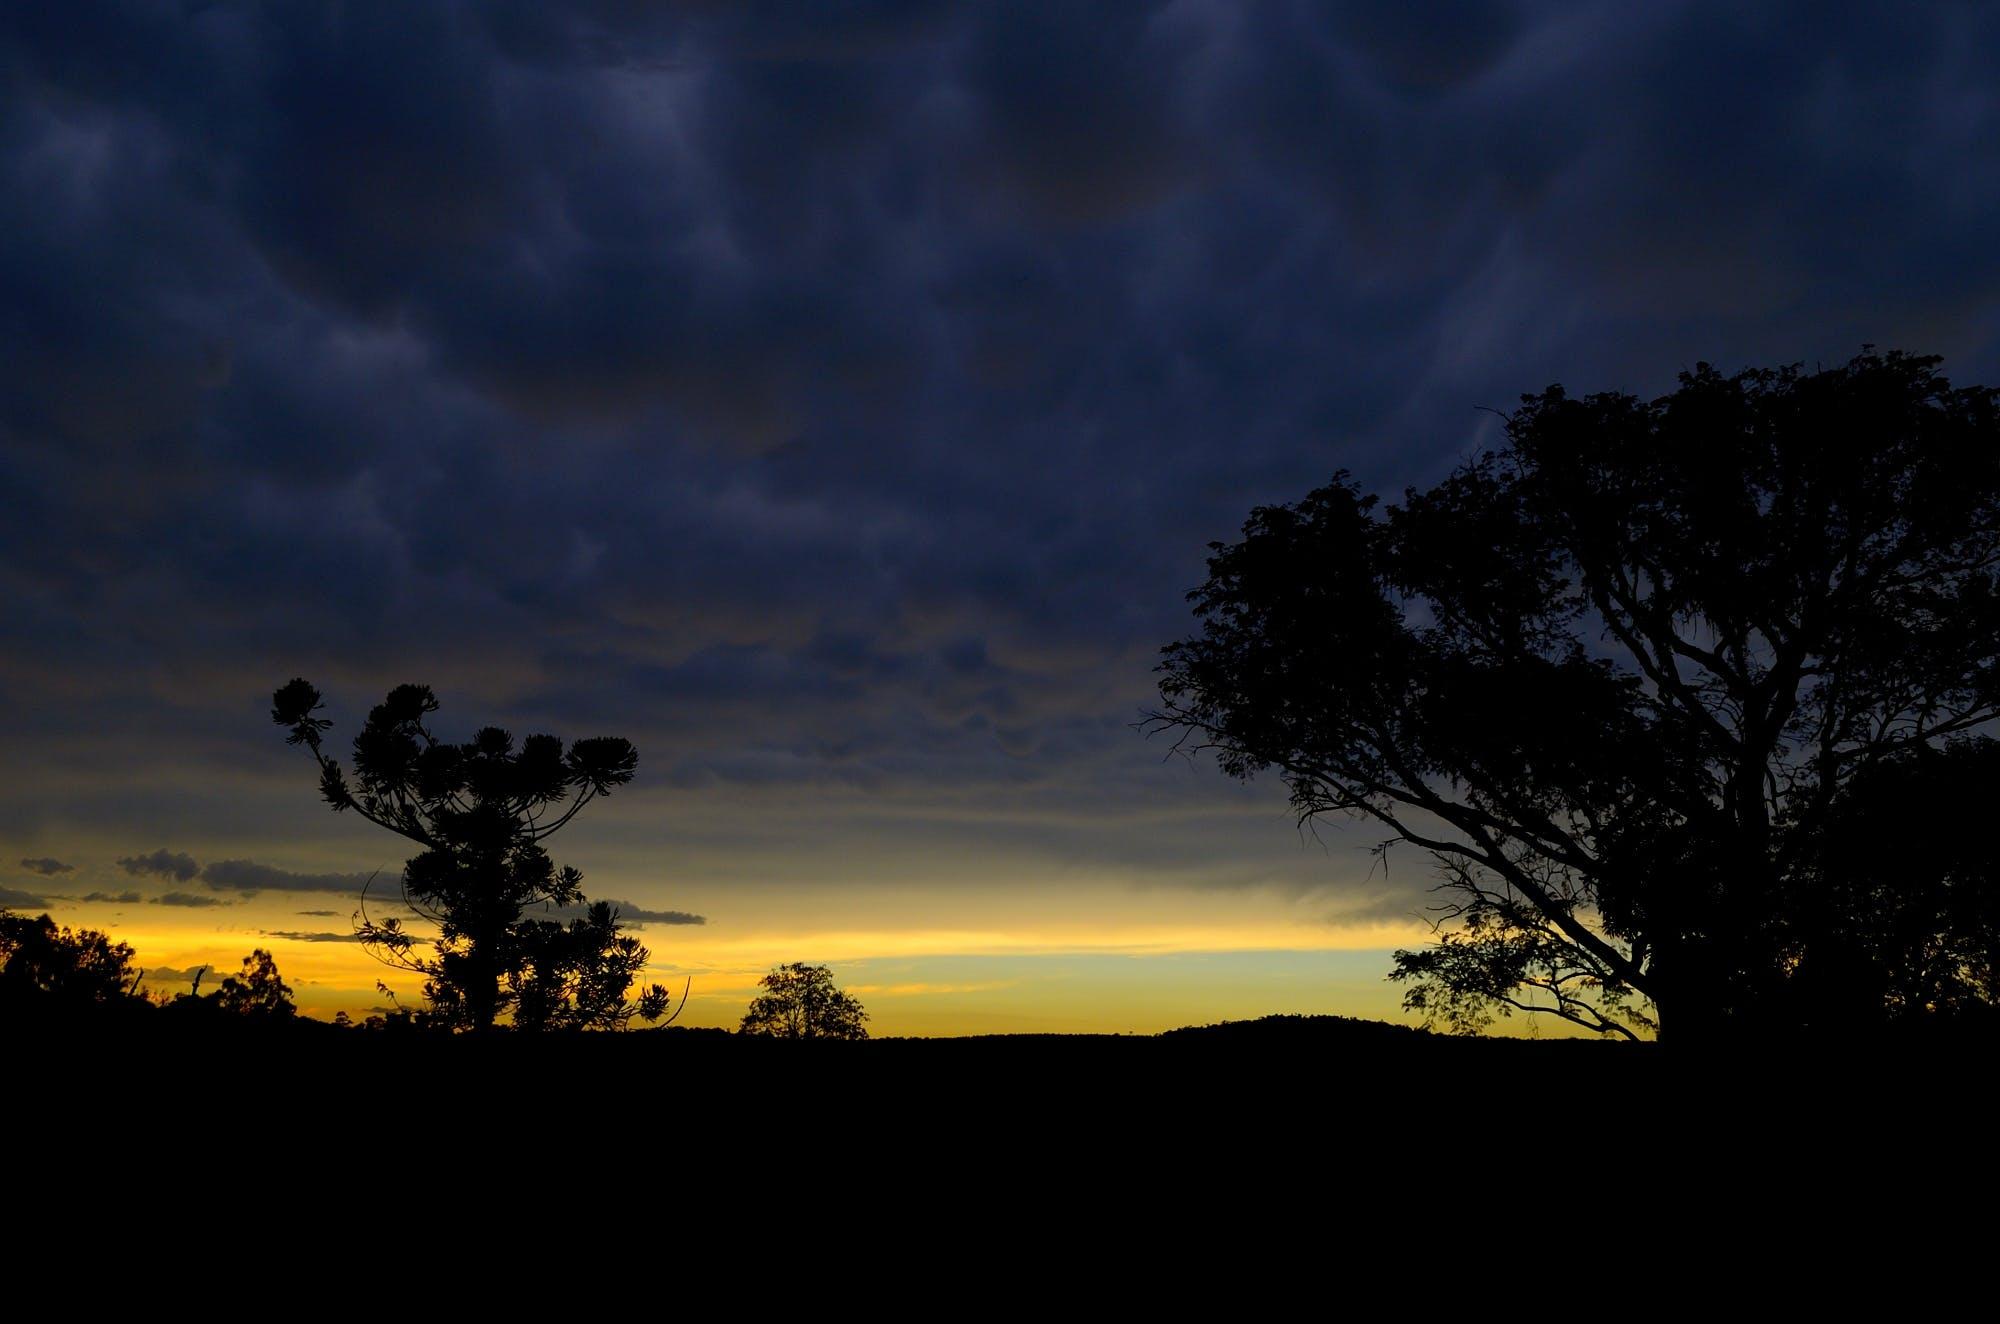 バックライト付き, 地平線, 夜明け, 曇りの無料の写真素材